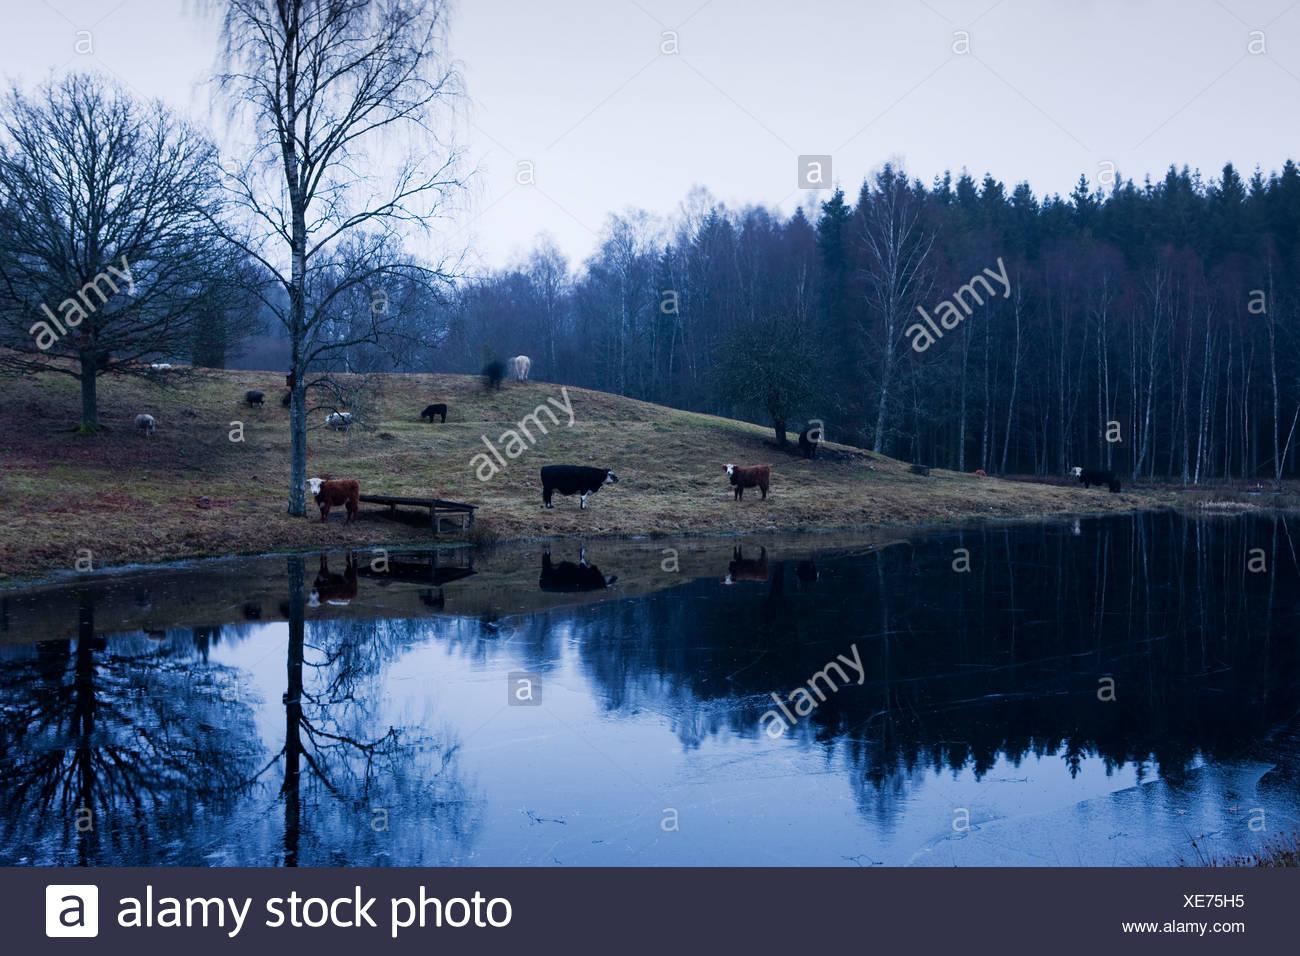 Skandinavien, Schweden, Skane, Ansicht von Kühen See Stockbild